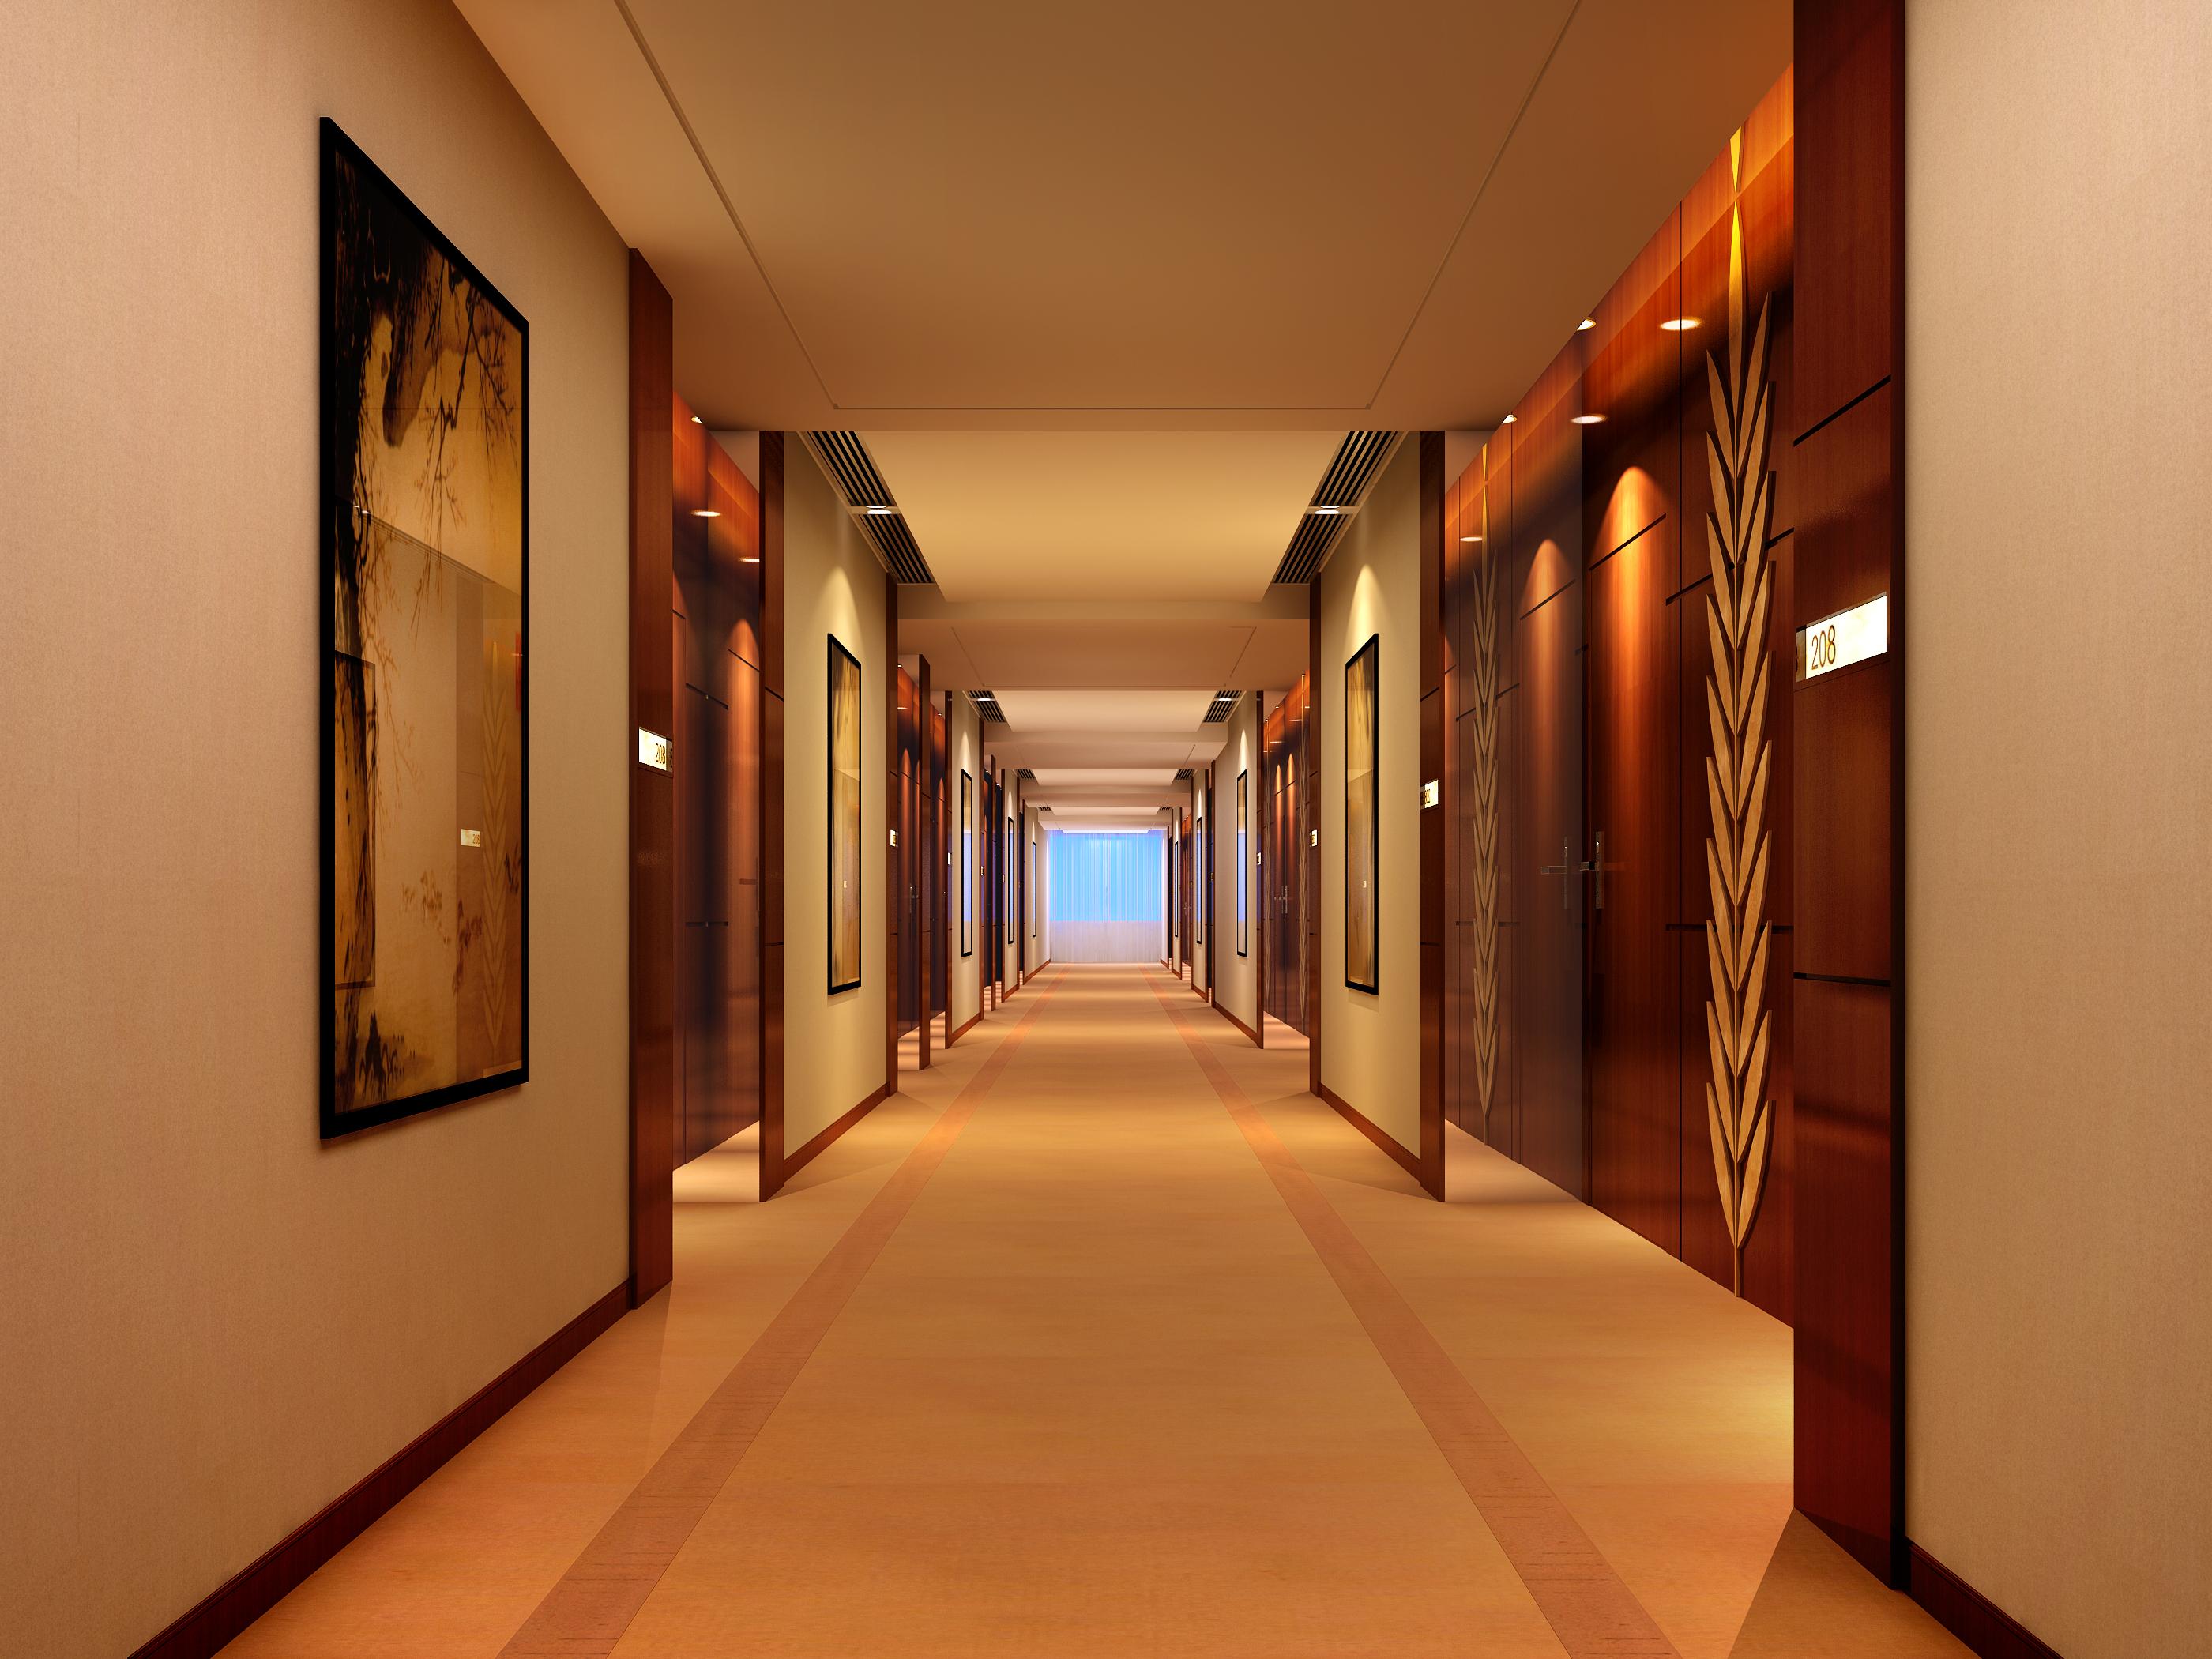 corridor space 076 3d model max 136104